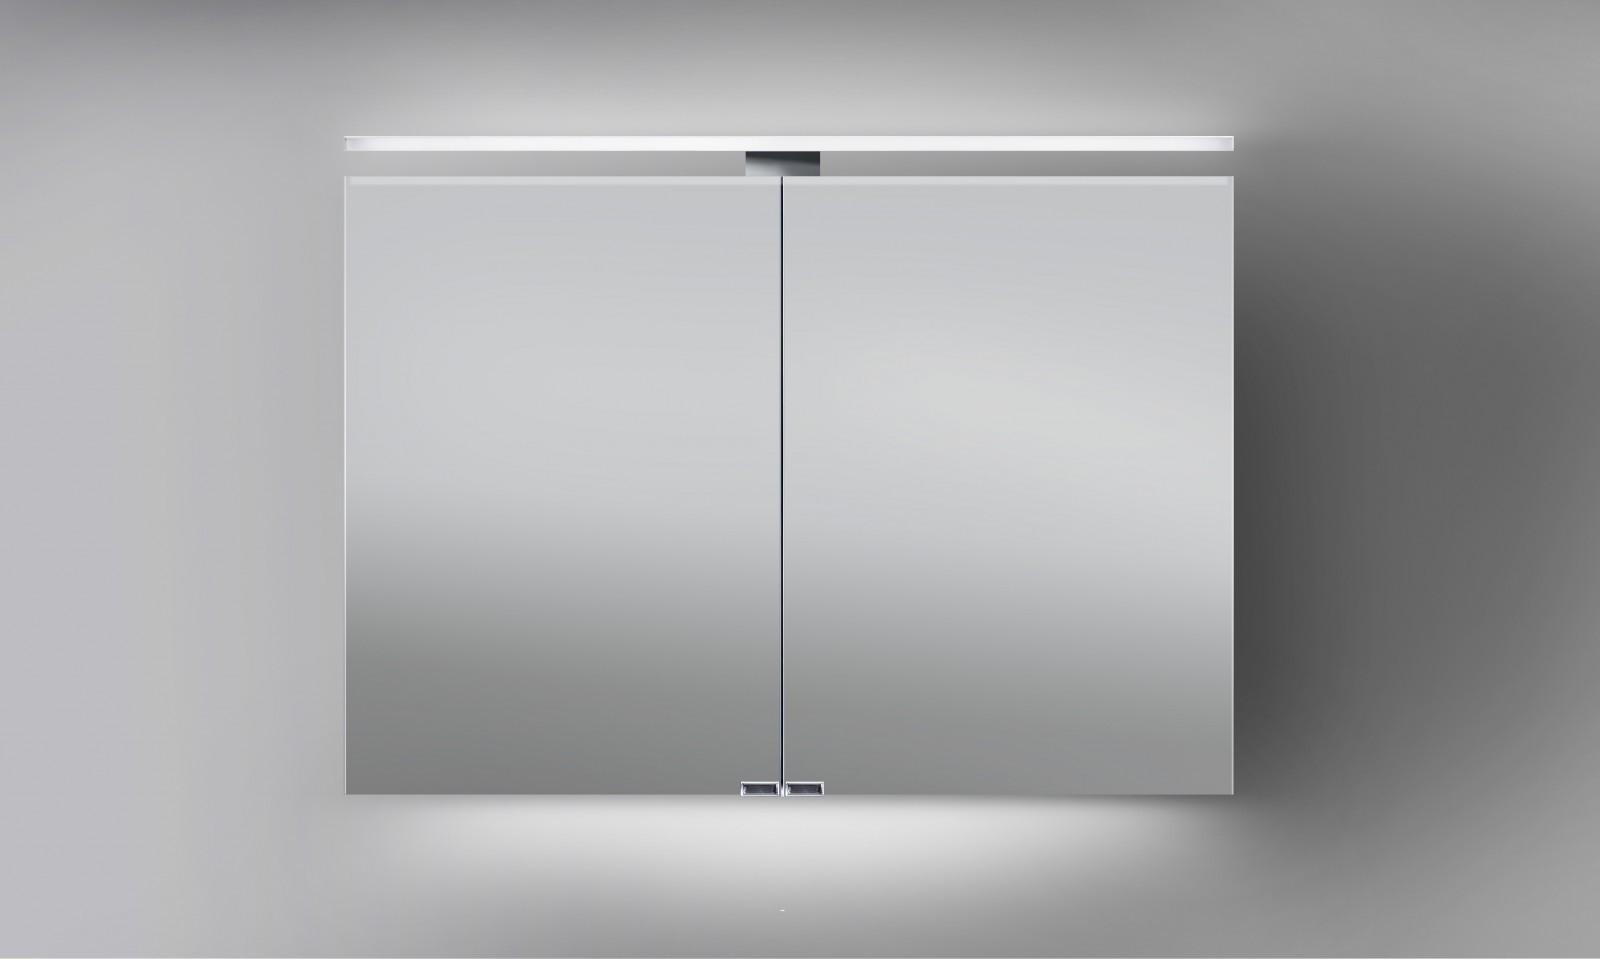 Spiegelschrank Mit Beleuchtung | Spiegelschrank Mit Beleuchtung 100 Cm Breit Hause Dekoration Ideen